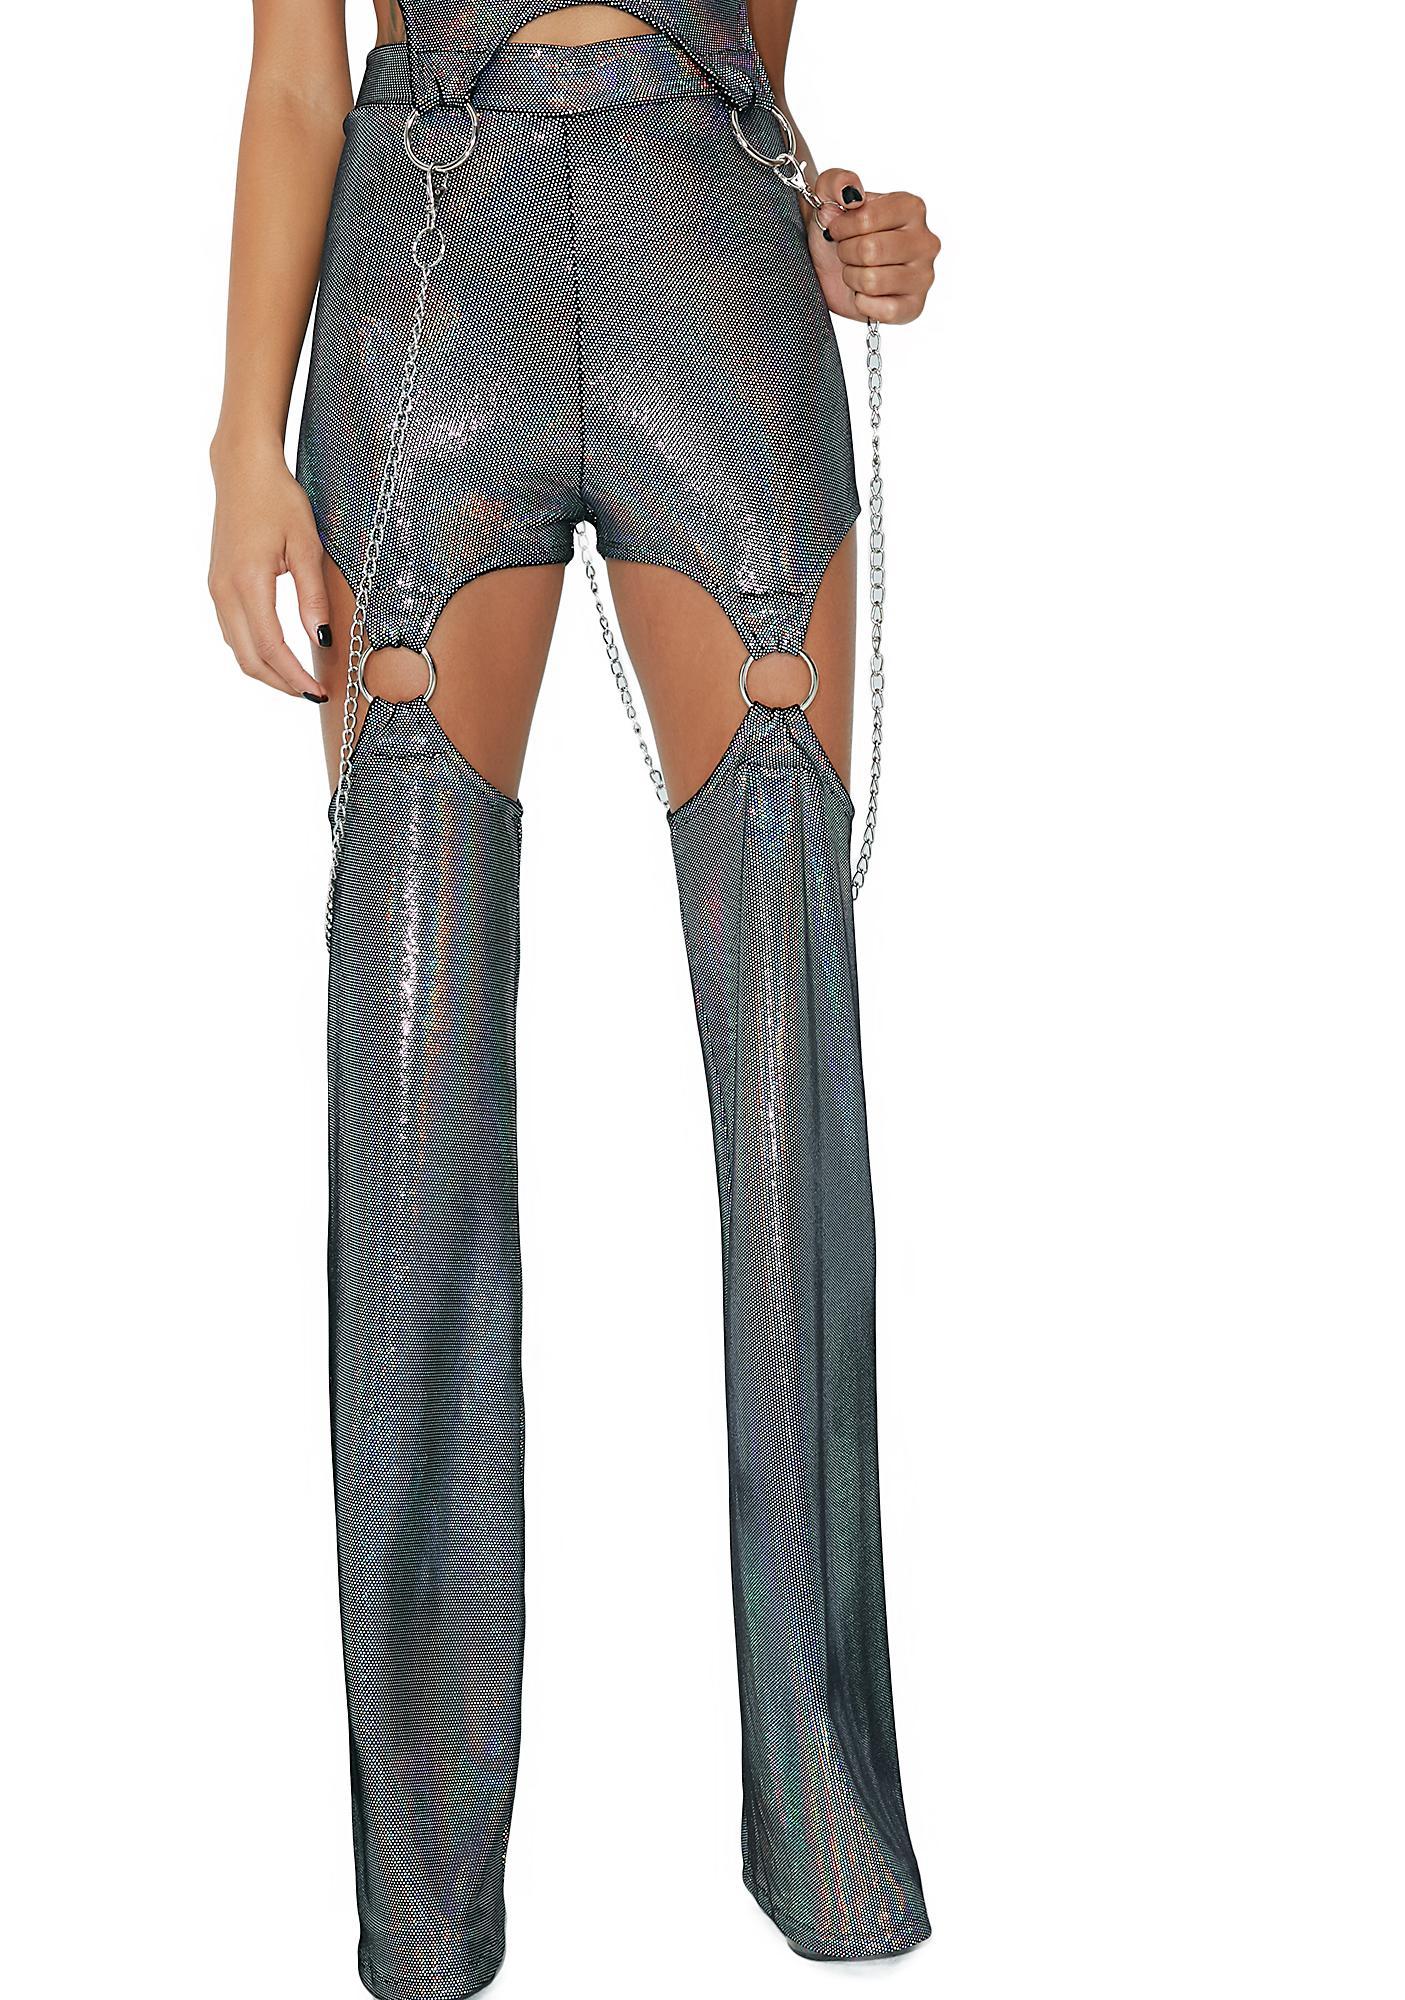 DEVOWEVO Oil Burner Garter Pants